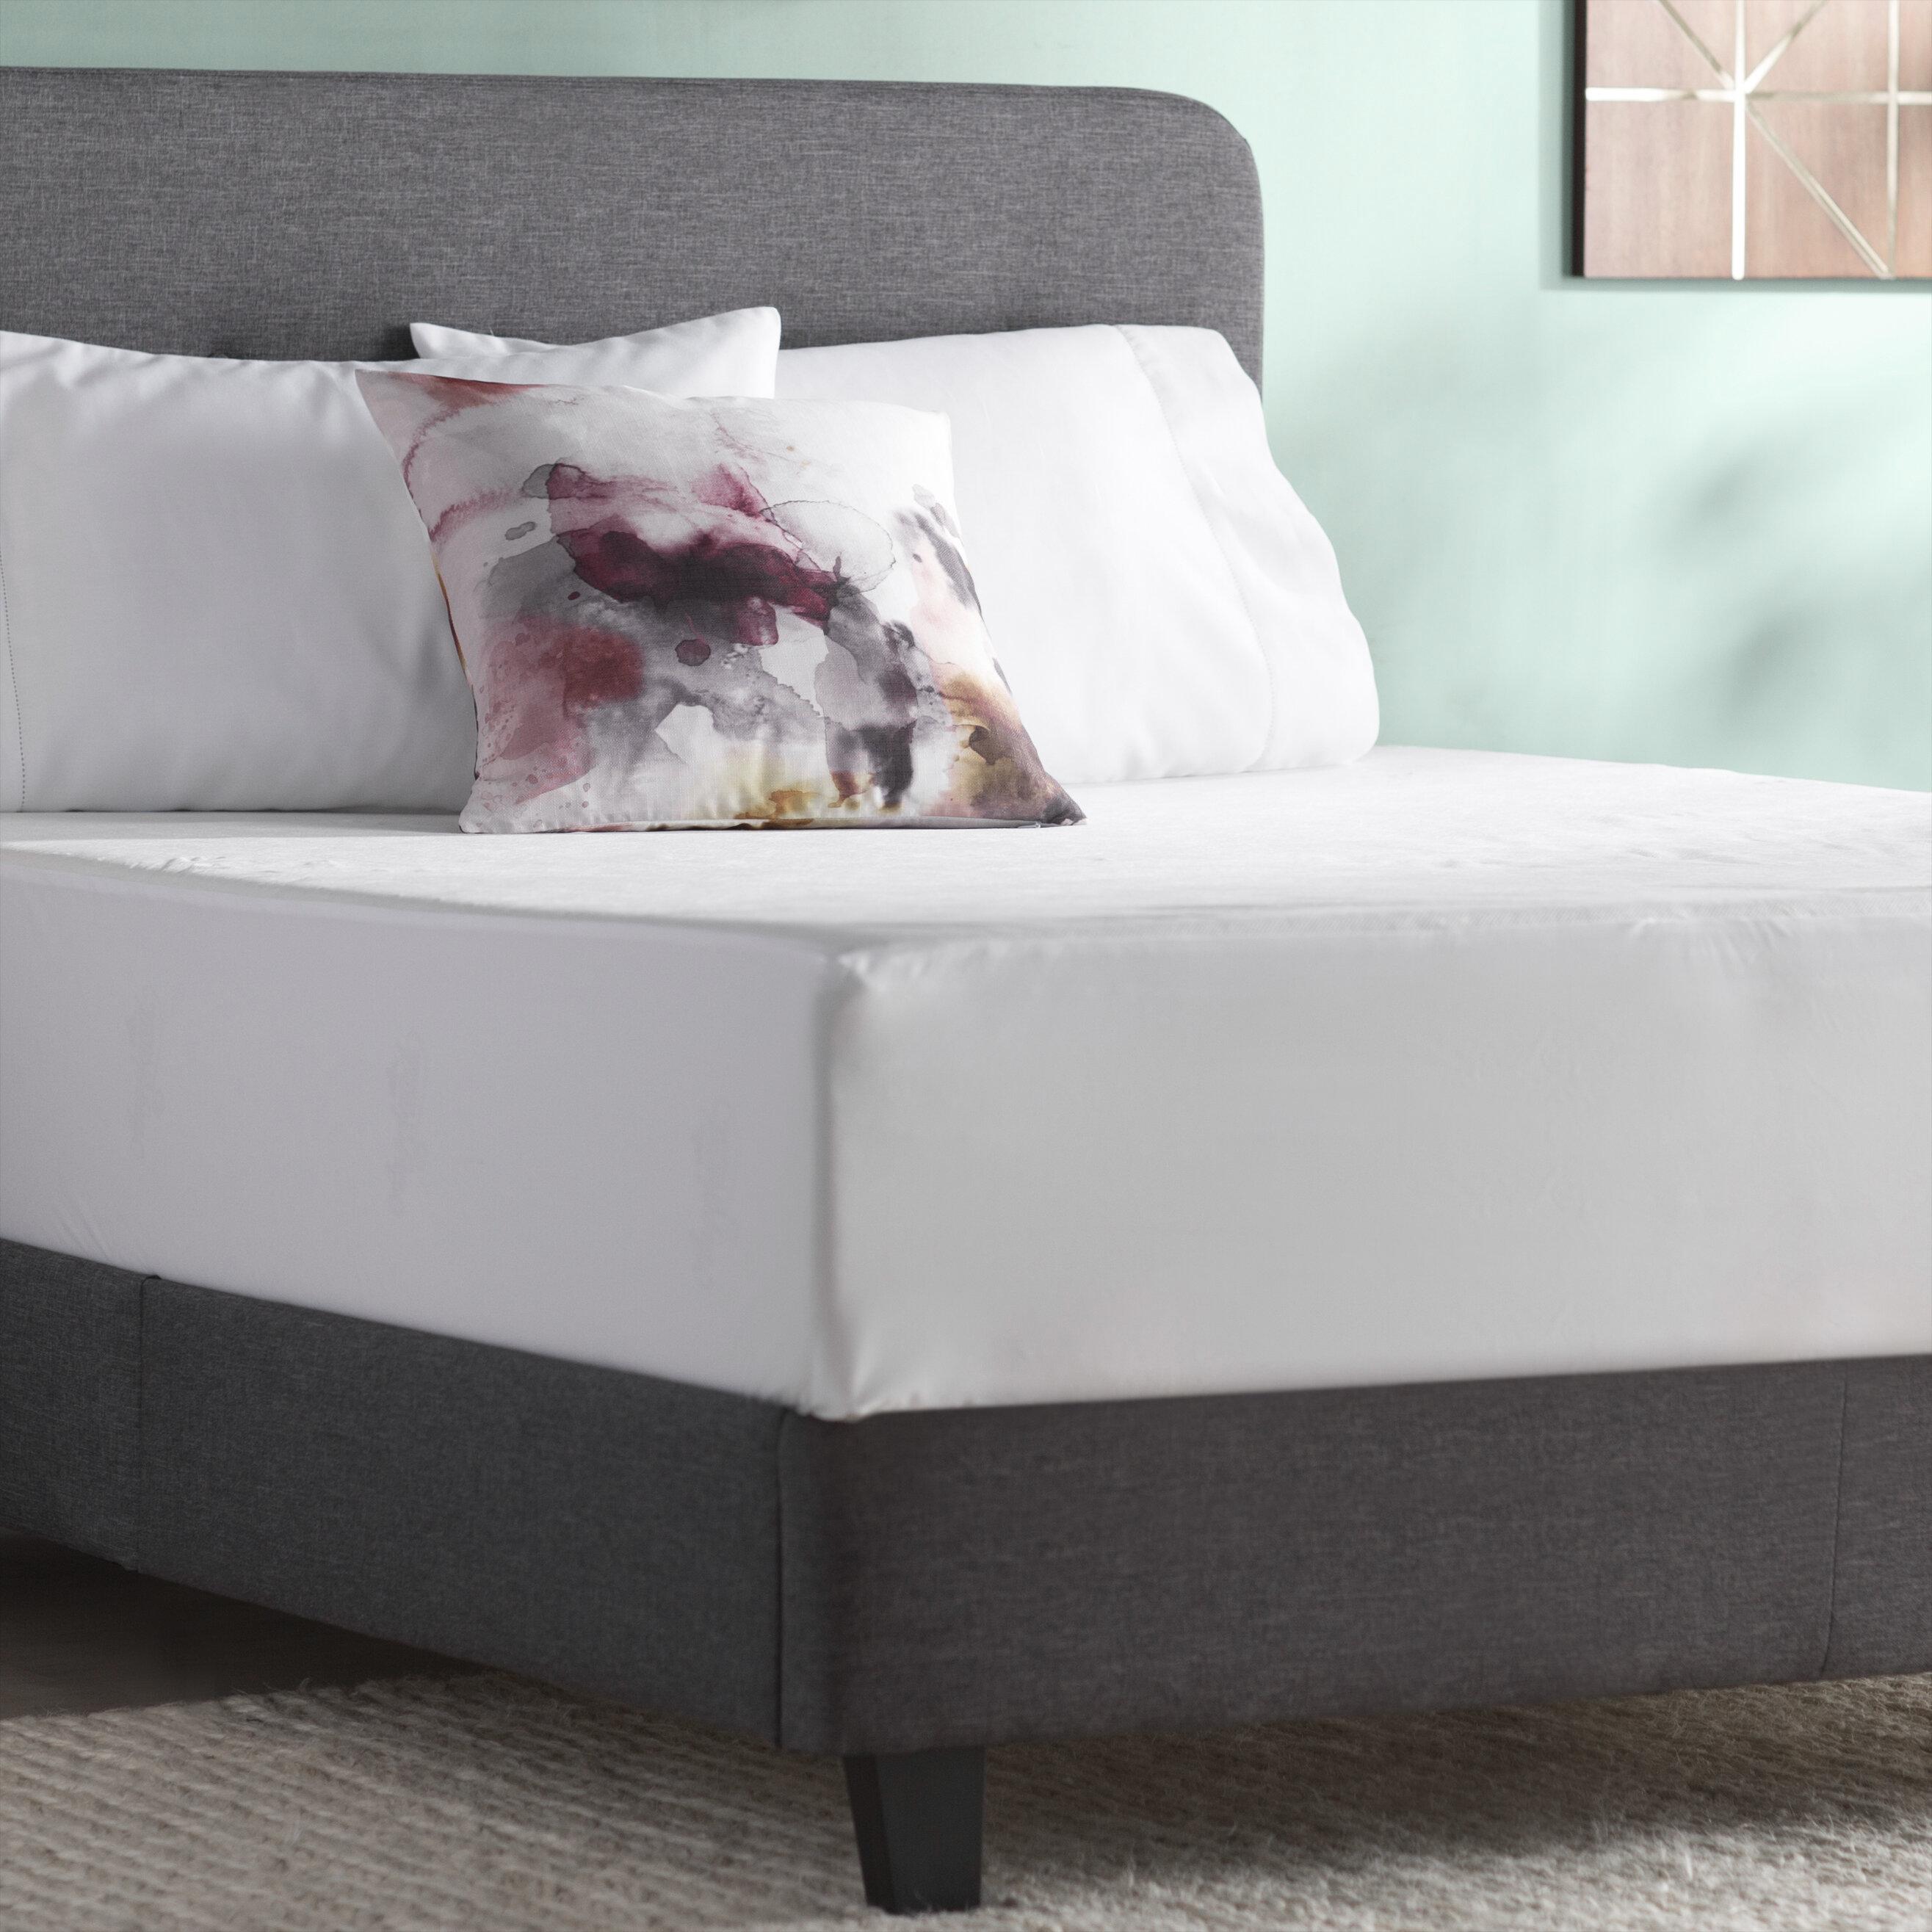 Alwyn Home All In One Bed Bug Blocker Hypoallergenic Waterproof